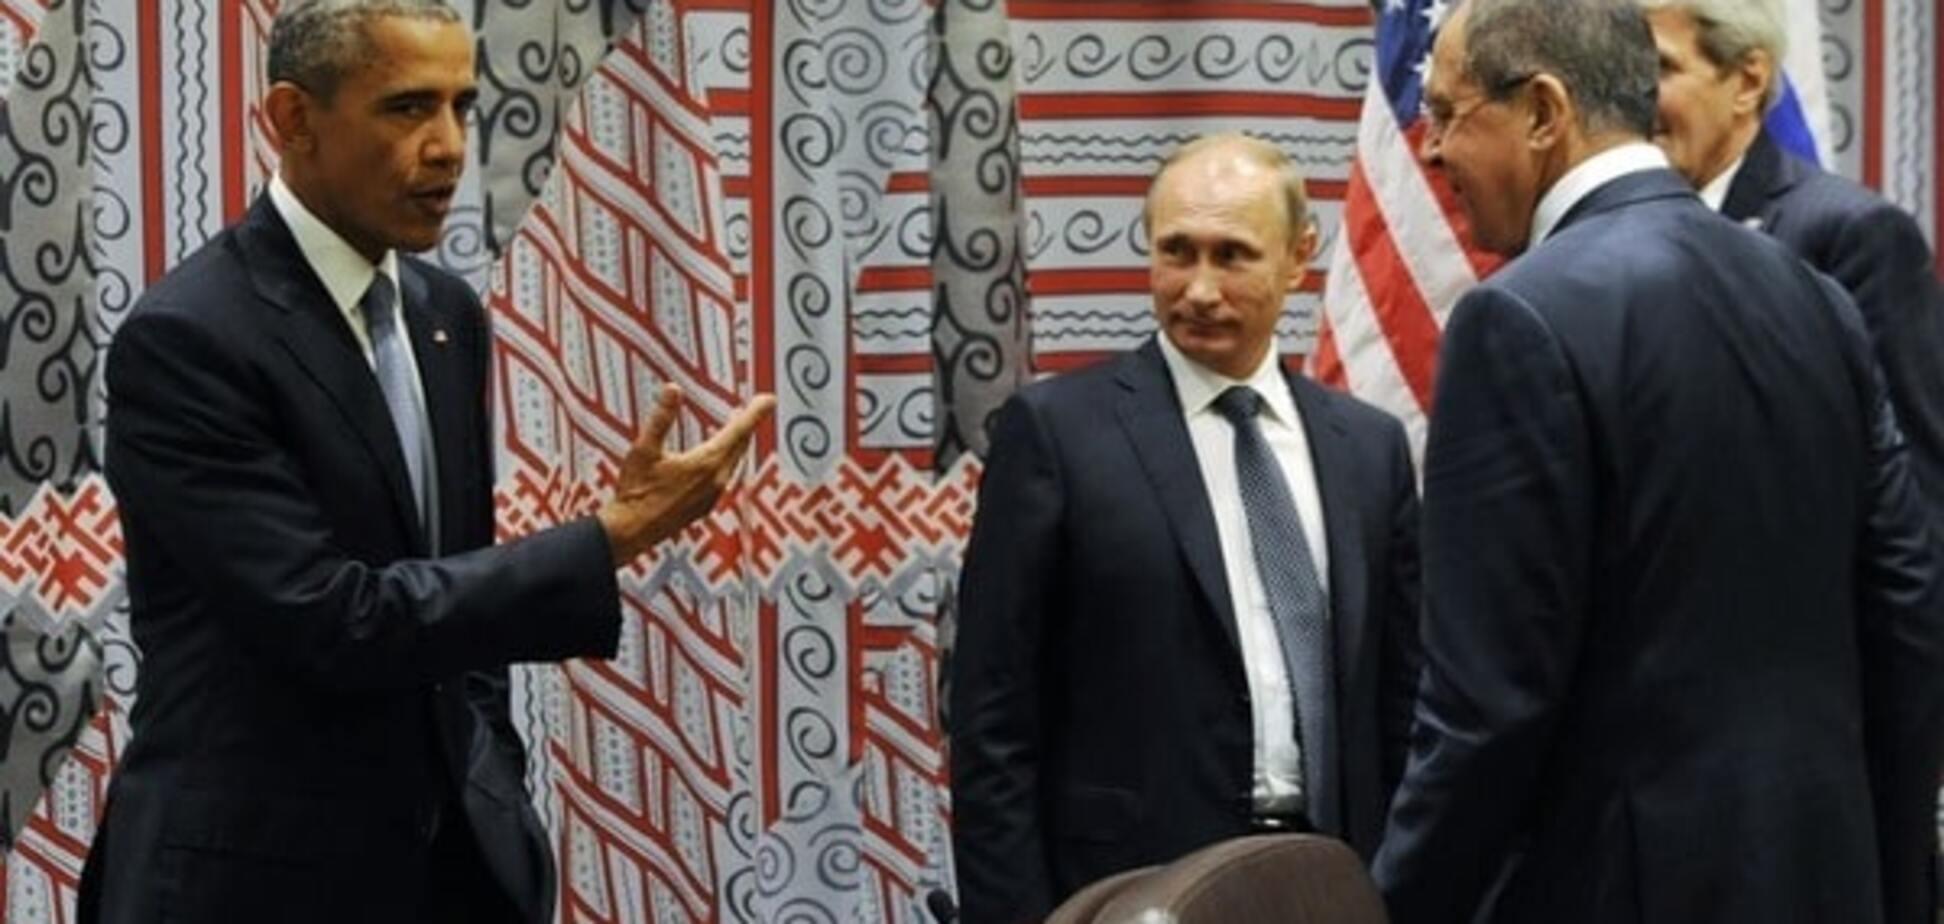 'На ногах' переговорили: Кремль анонсировал 'субстантивную' встречу Путина и Обамы